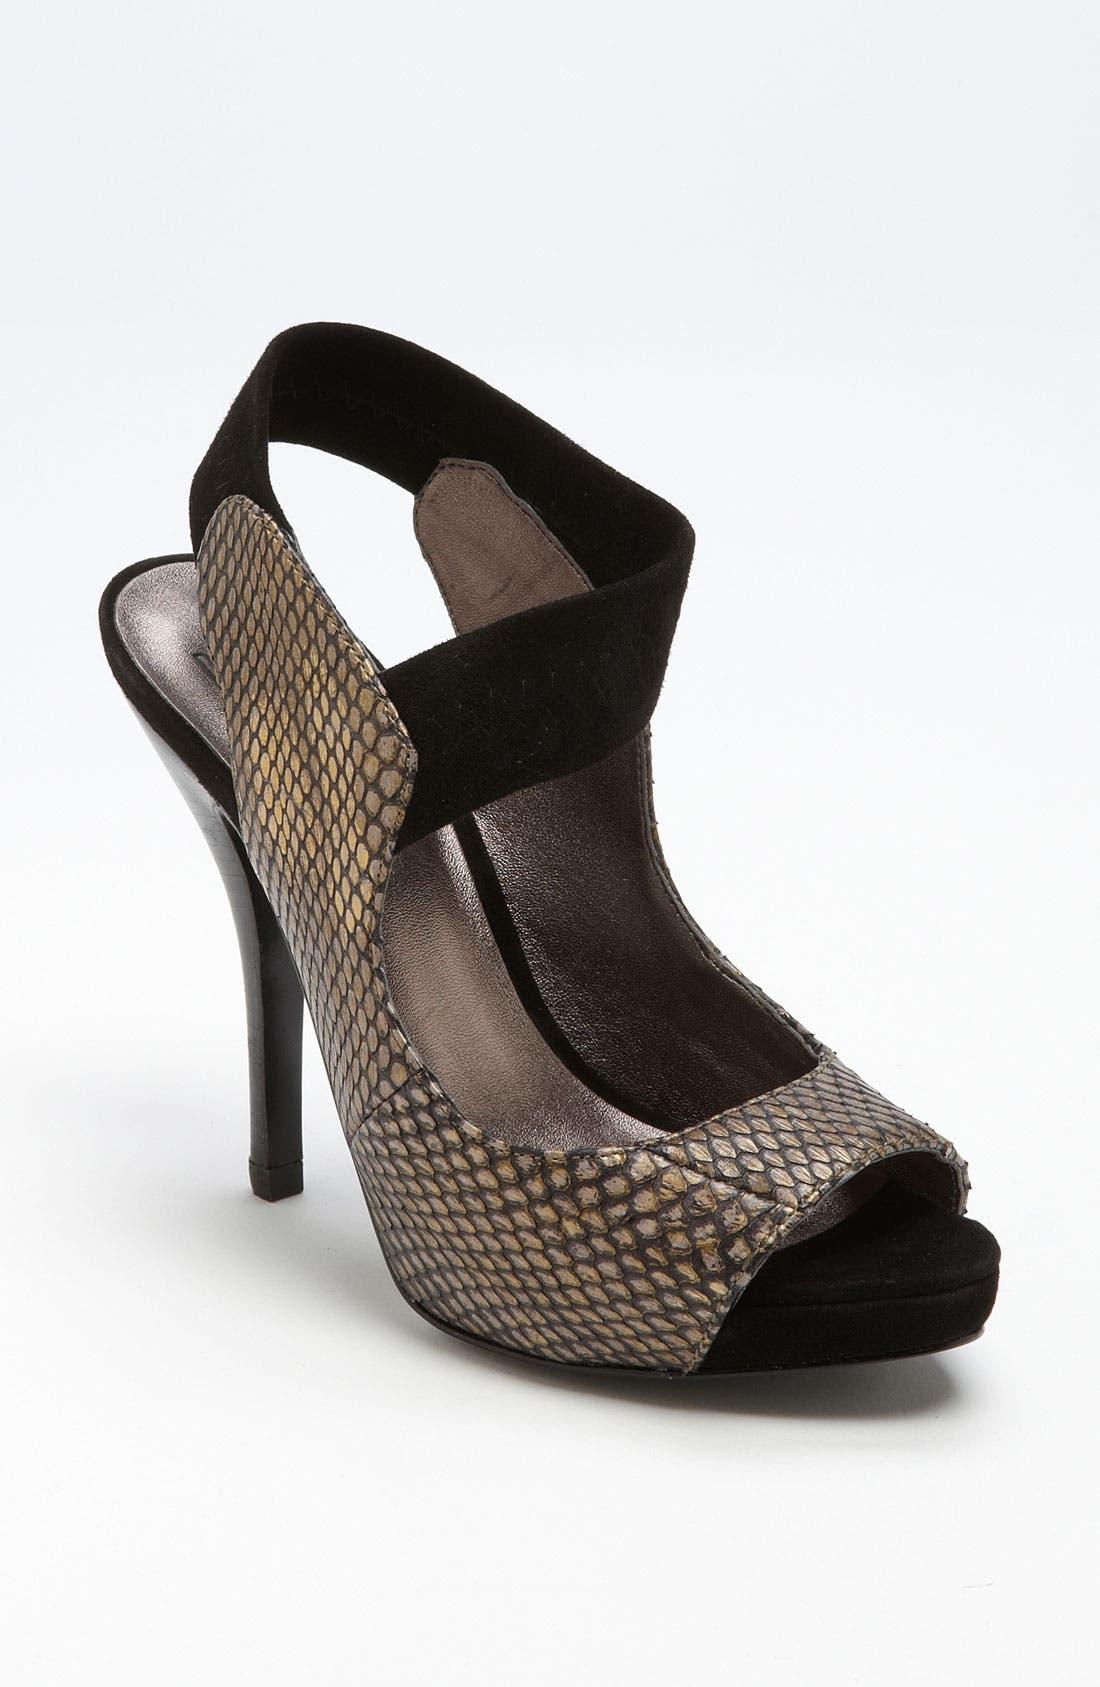 Alternate Image 1 Selected - Pelle Moda 'Sable' Sandal